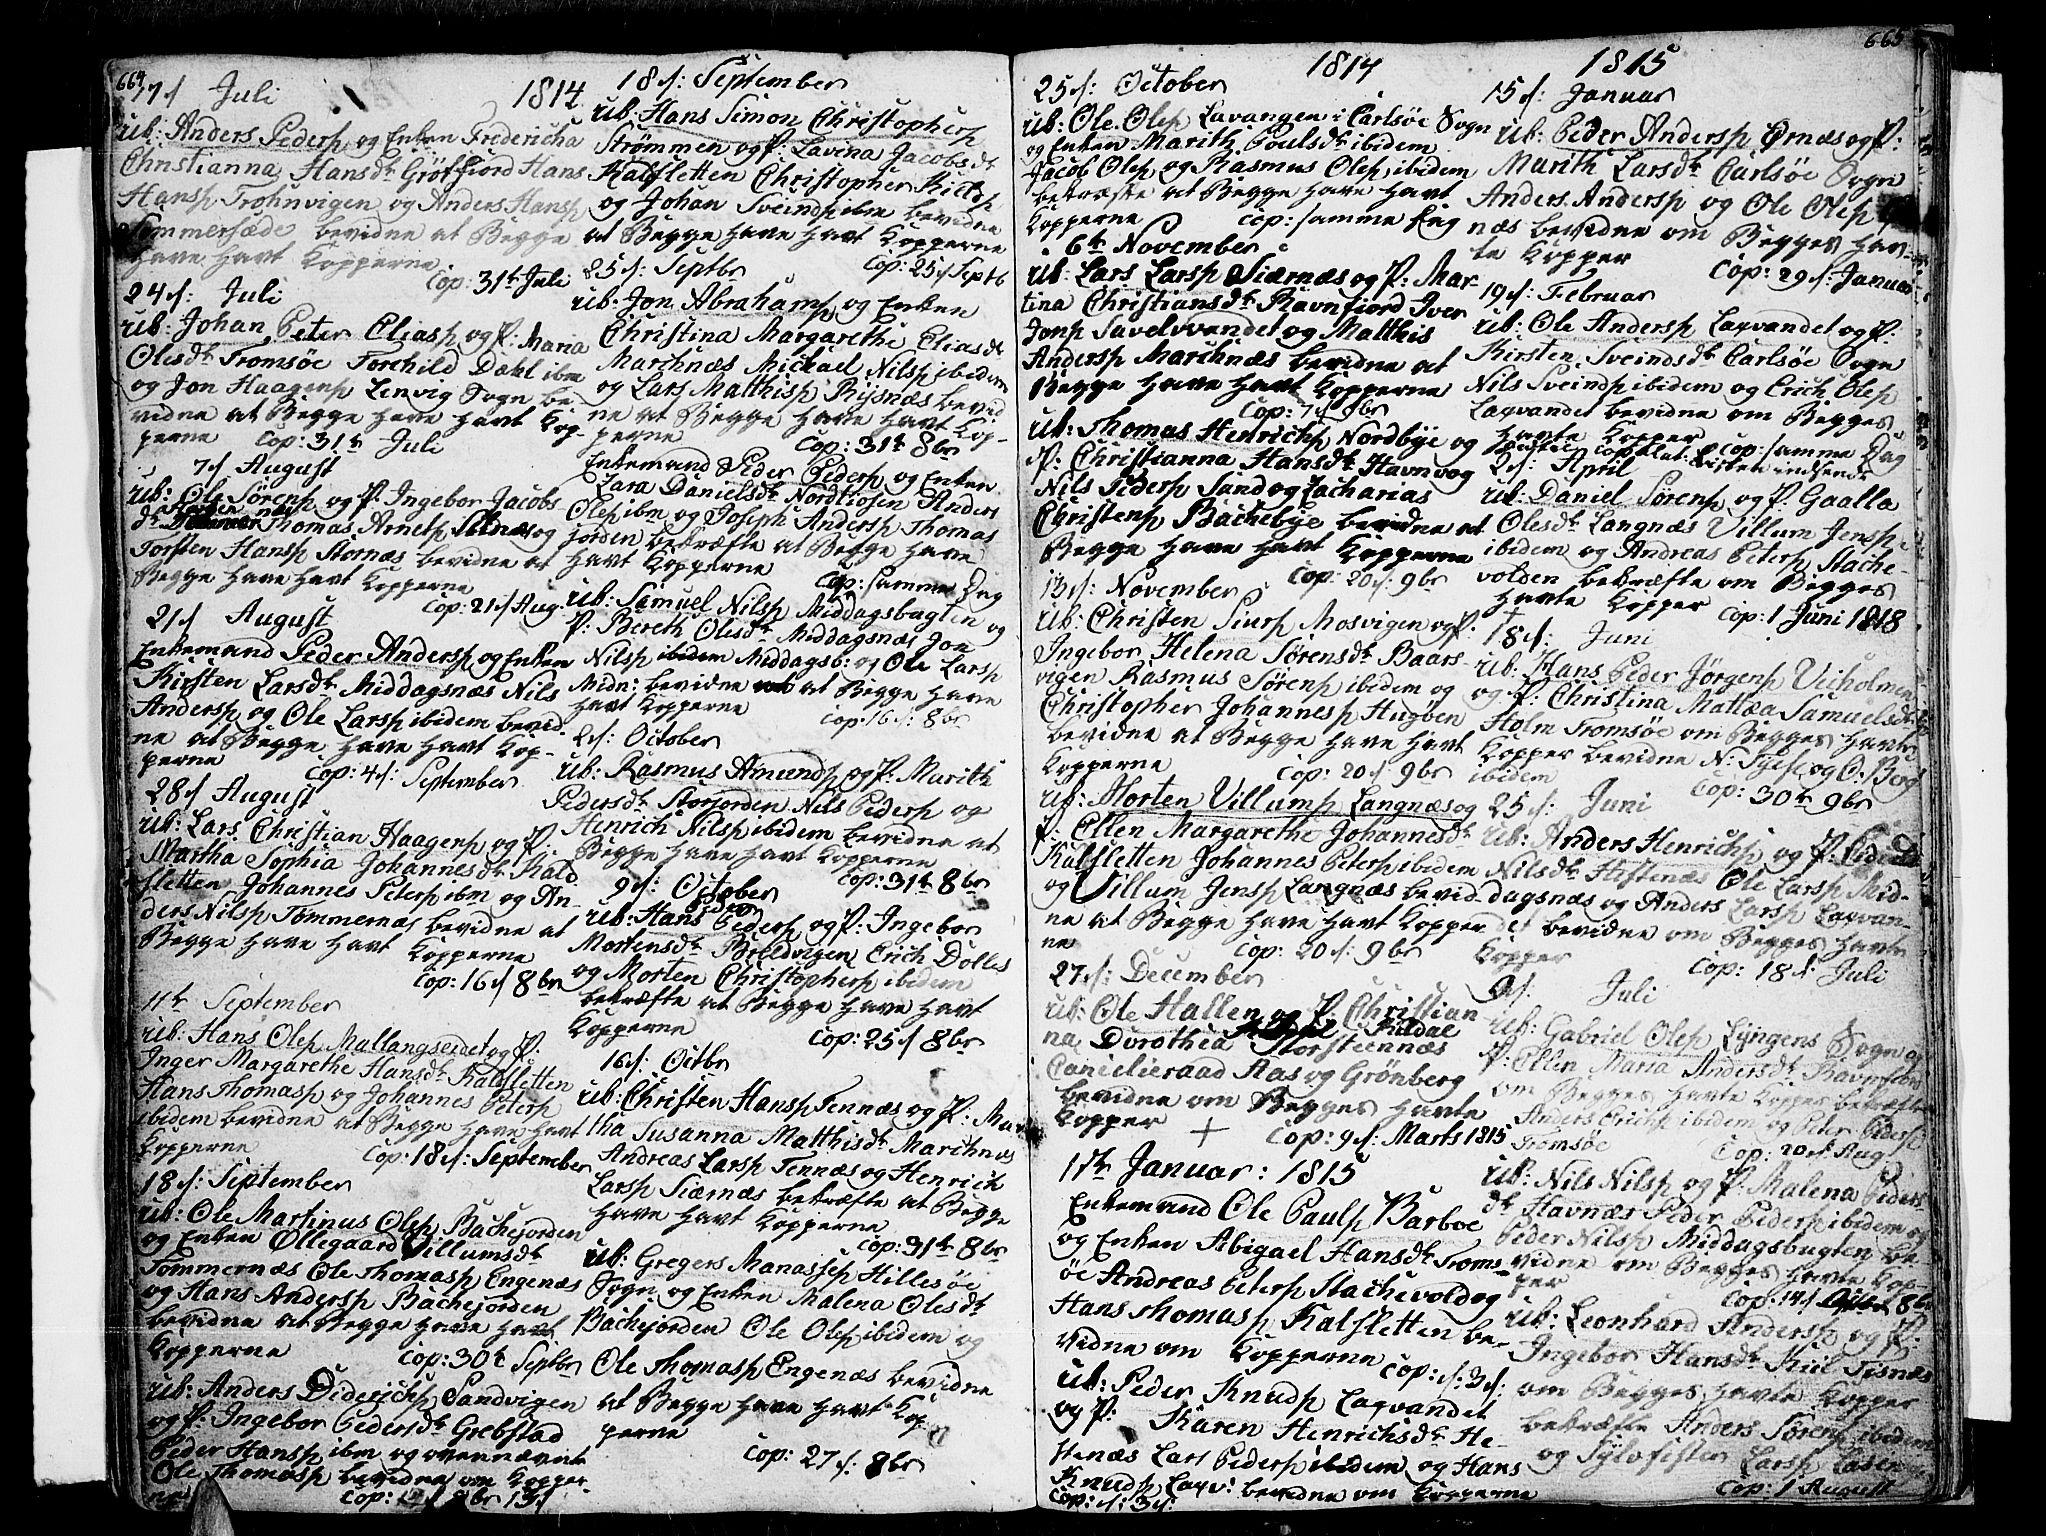 SATØ, Tromsø sokneprestkontor/stiftsprosti/domprosti, G/Ga/L0006kirke: Ministerialbok nr. 6, 1806-1821, s. 664-665